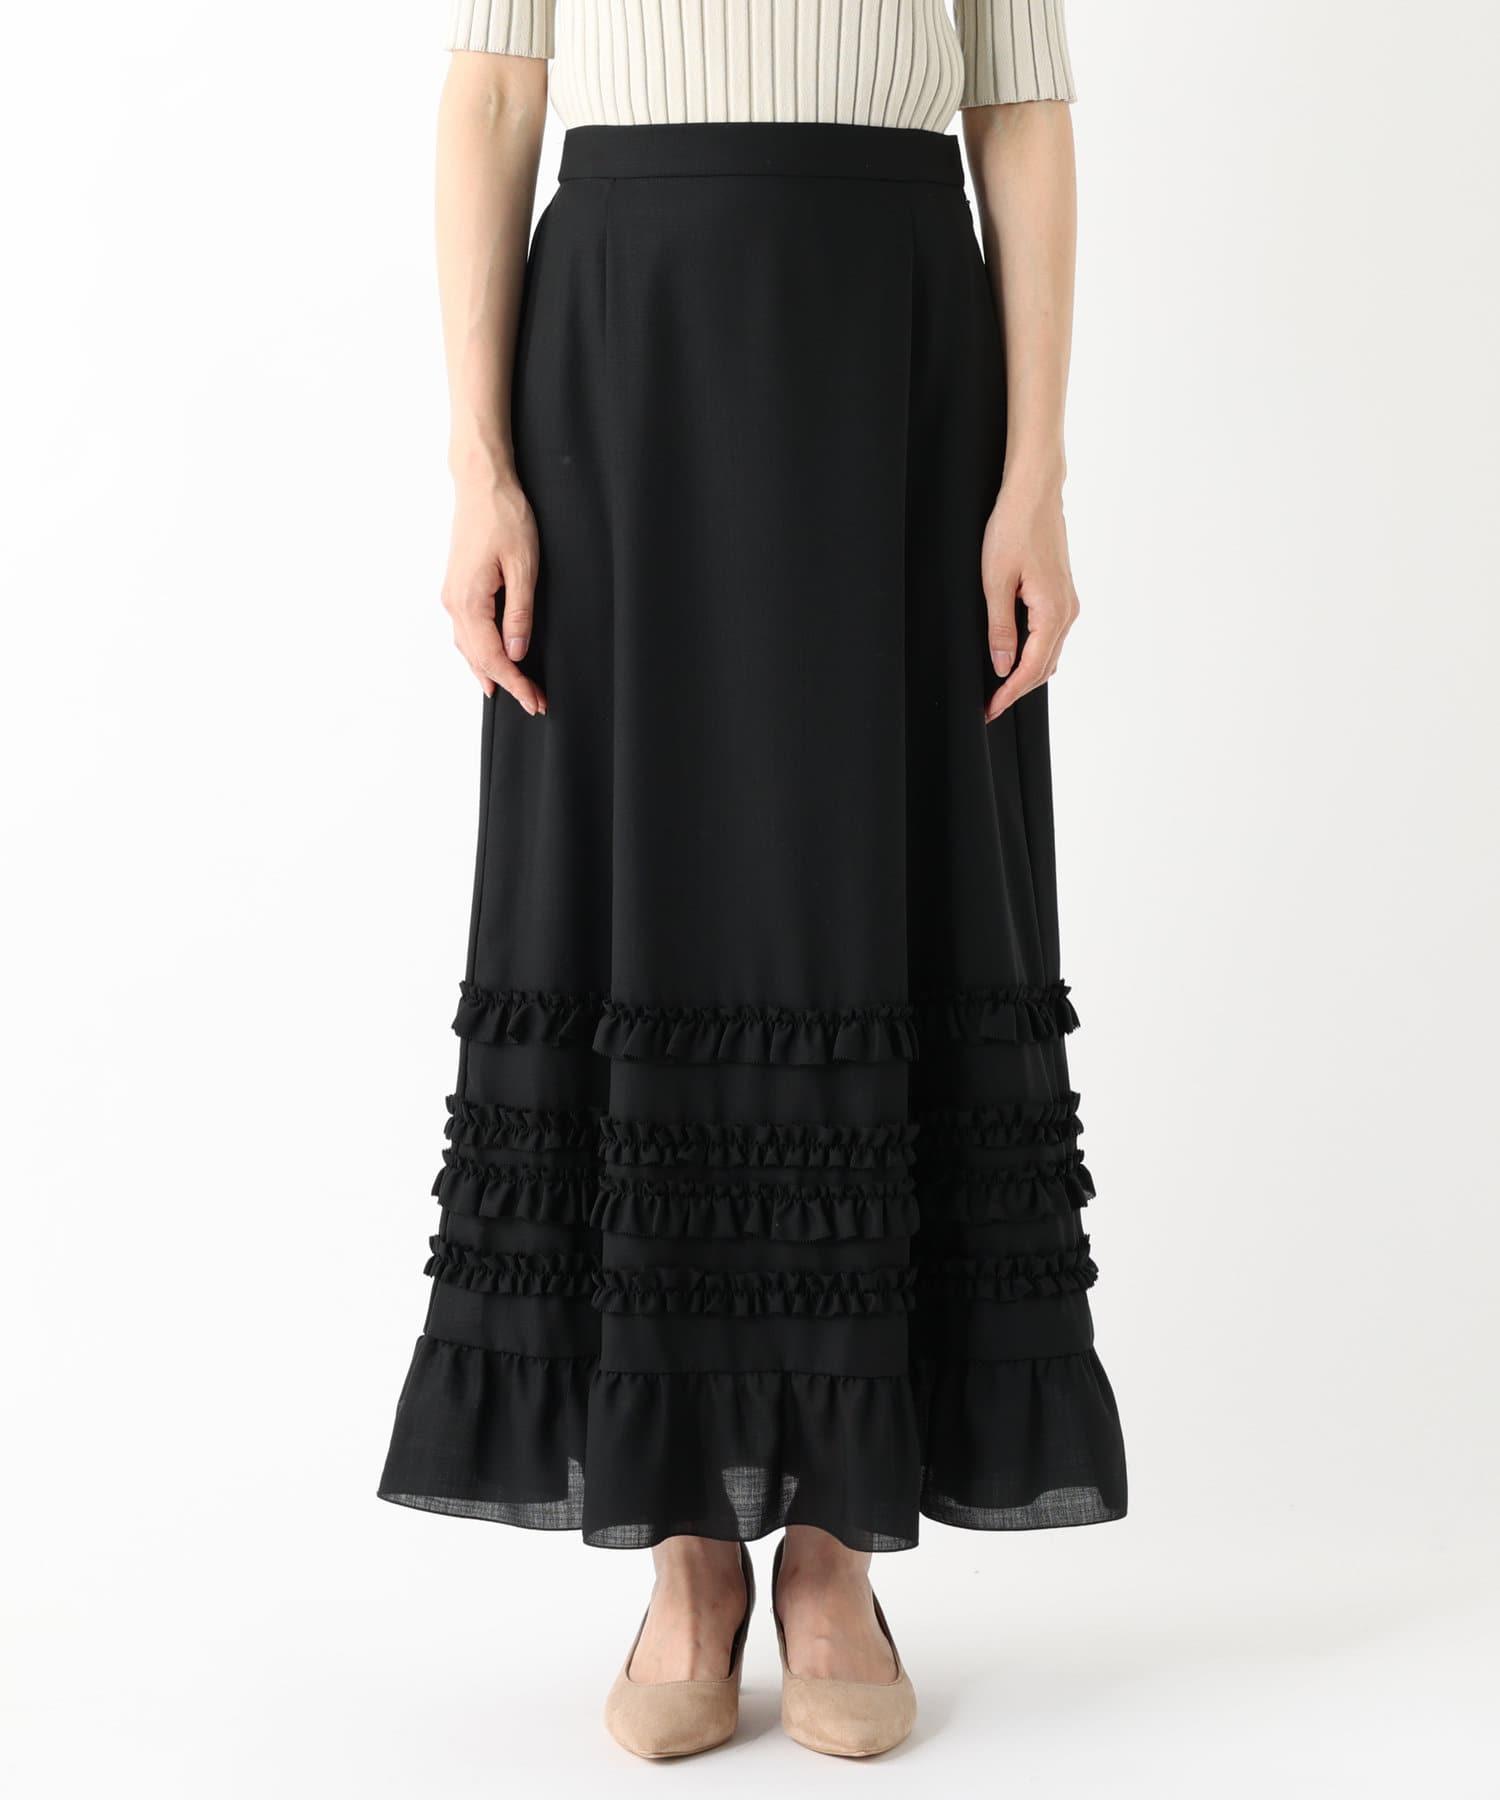 La boutique BonBon(ラブティックボンボン) 《予約》【セットアップ可・大人ガーリー・手洗い可】フリルティアードマキシスカート